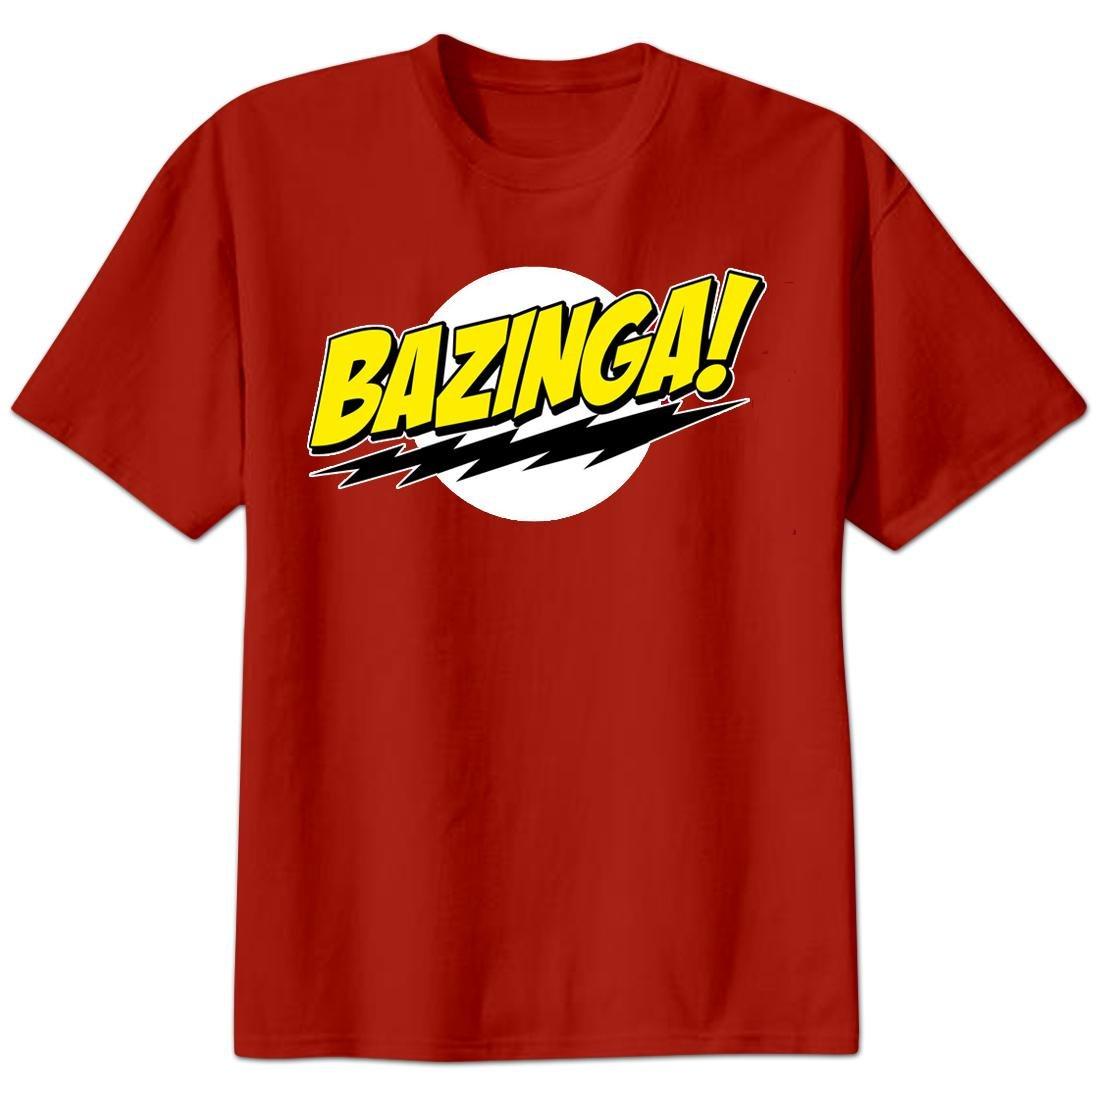 THE BIG BANG THEORY BAZINGA